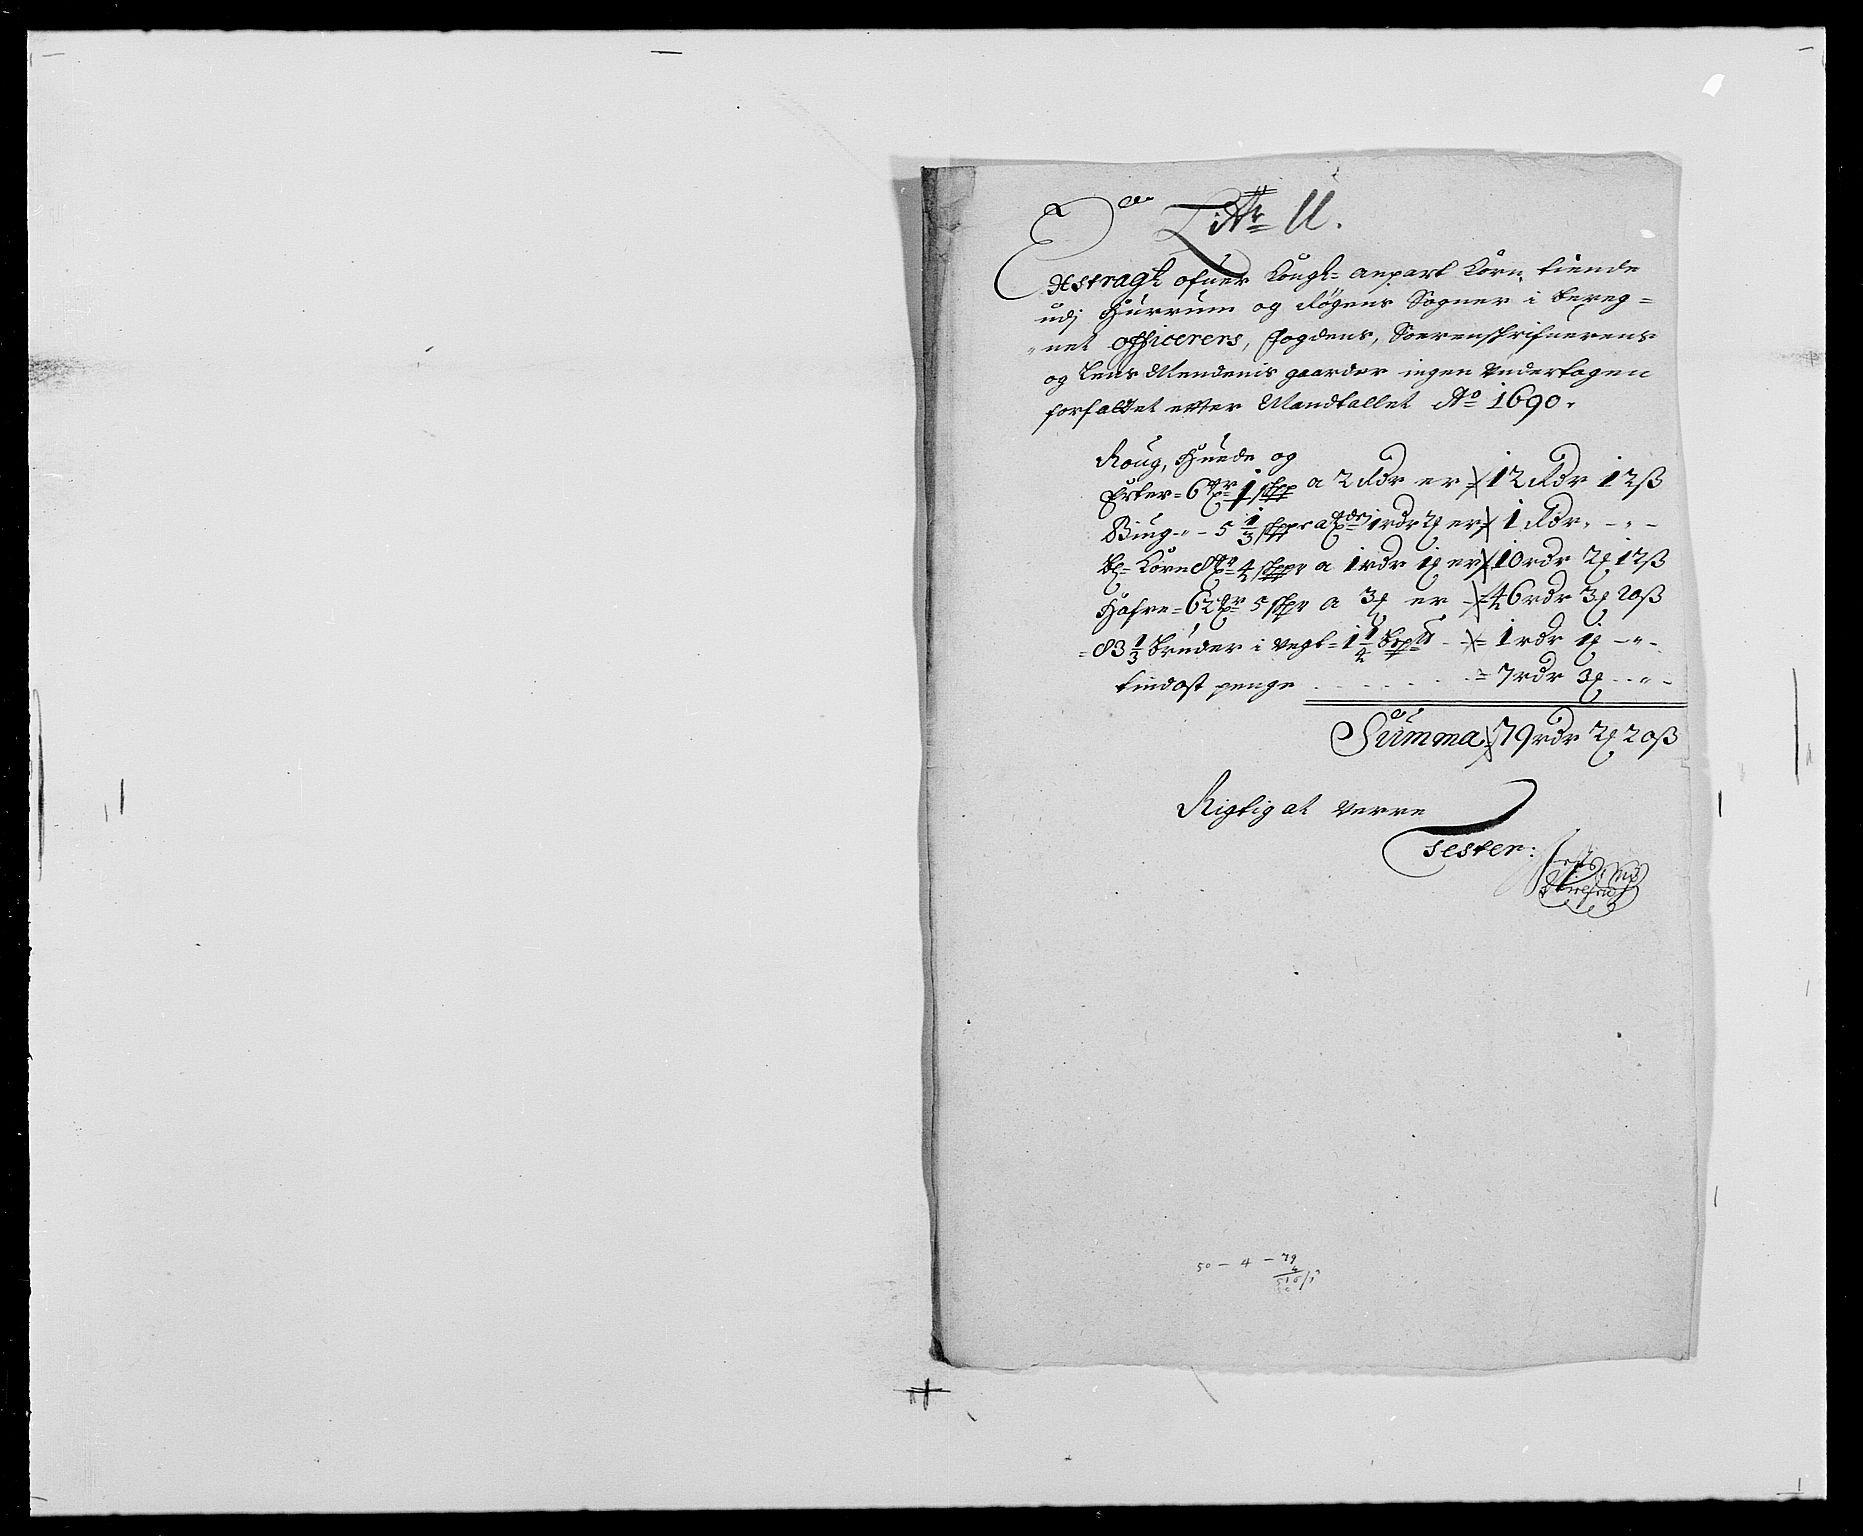 RA, Rentekammeret inntil 1814, Reviderte regnskaper, Fogderegnskap, R29/L1693: Fogderegnskap Hurum og Røyken, 1688-1693, s. 152